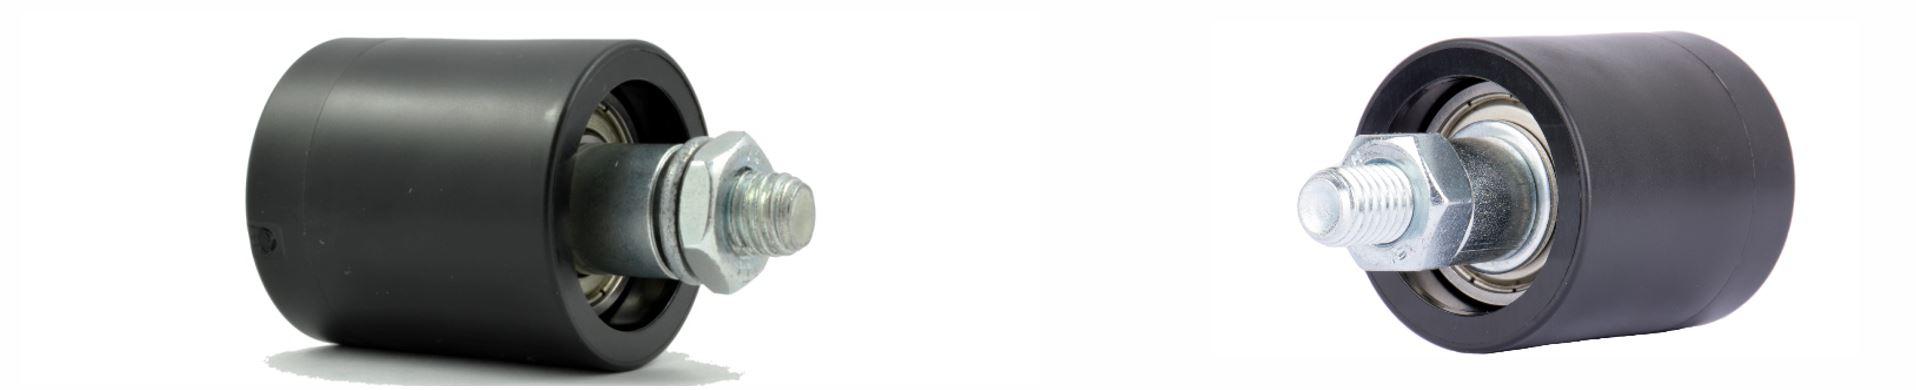 Banner poulie de tension pour système de courroie Spannrolle für Riemenantriebs Systeme